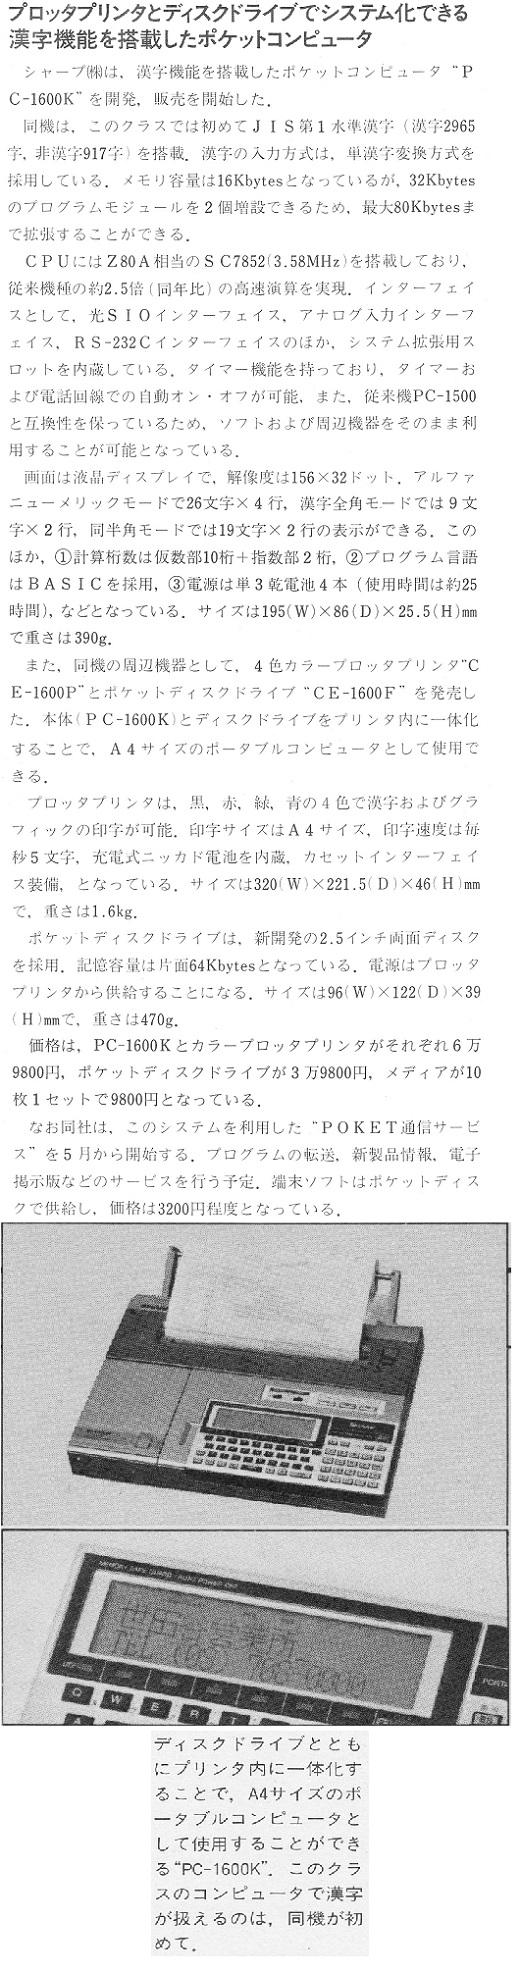 ASCII1986(06)b08ポケコン_W520.jpg